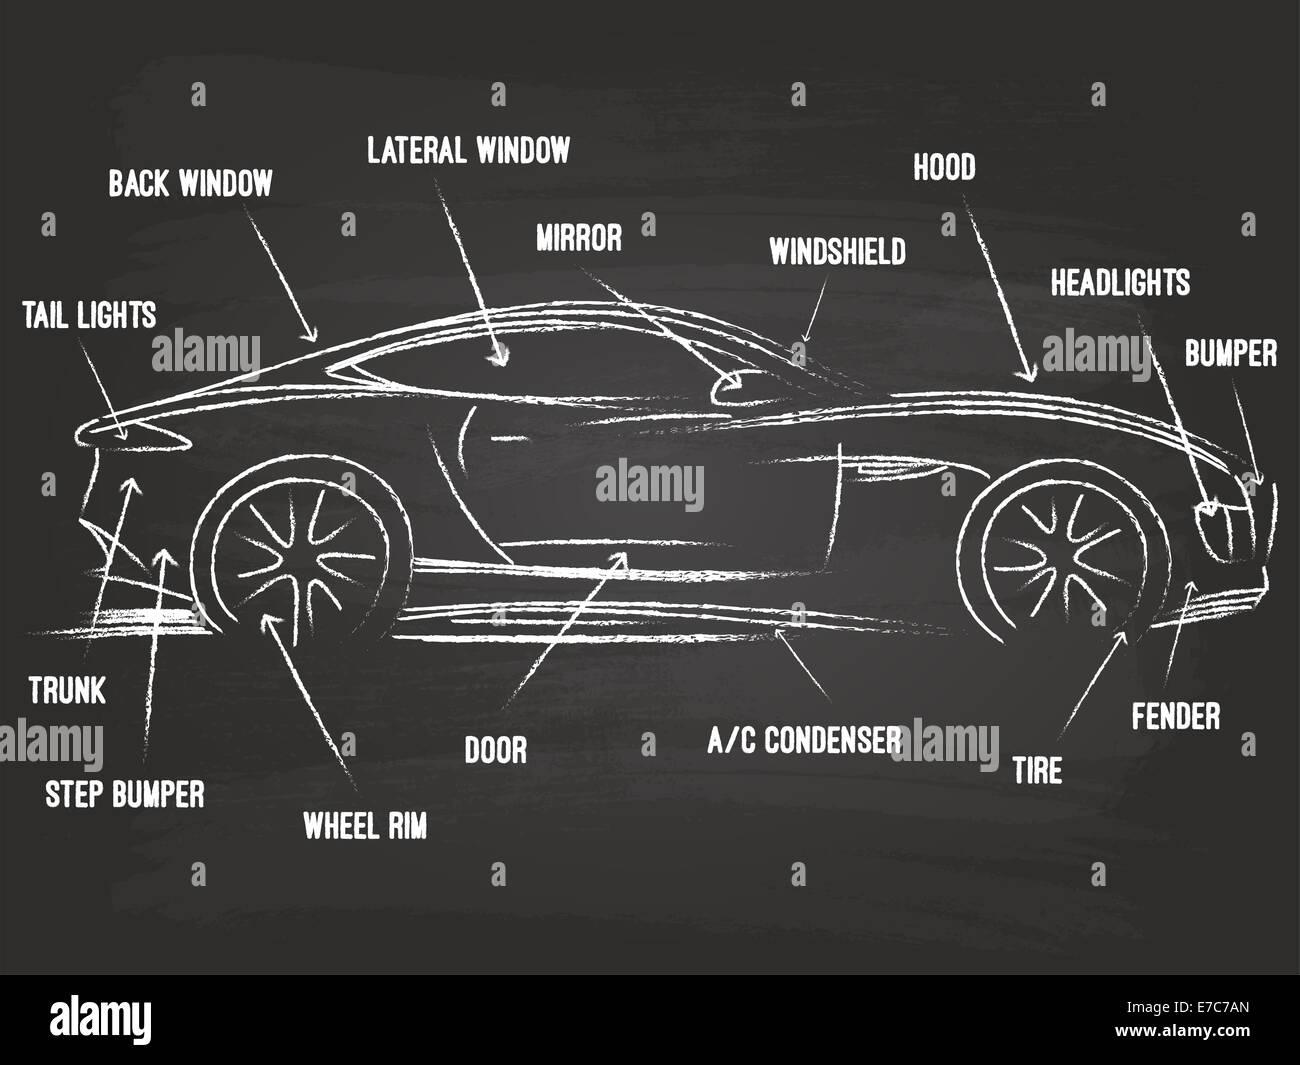 Concept Car Sketch Stockfotos & Concept Car Sketch Bilder - Seite 2 ...